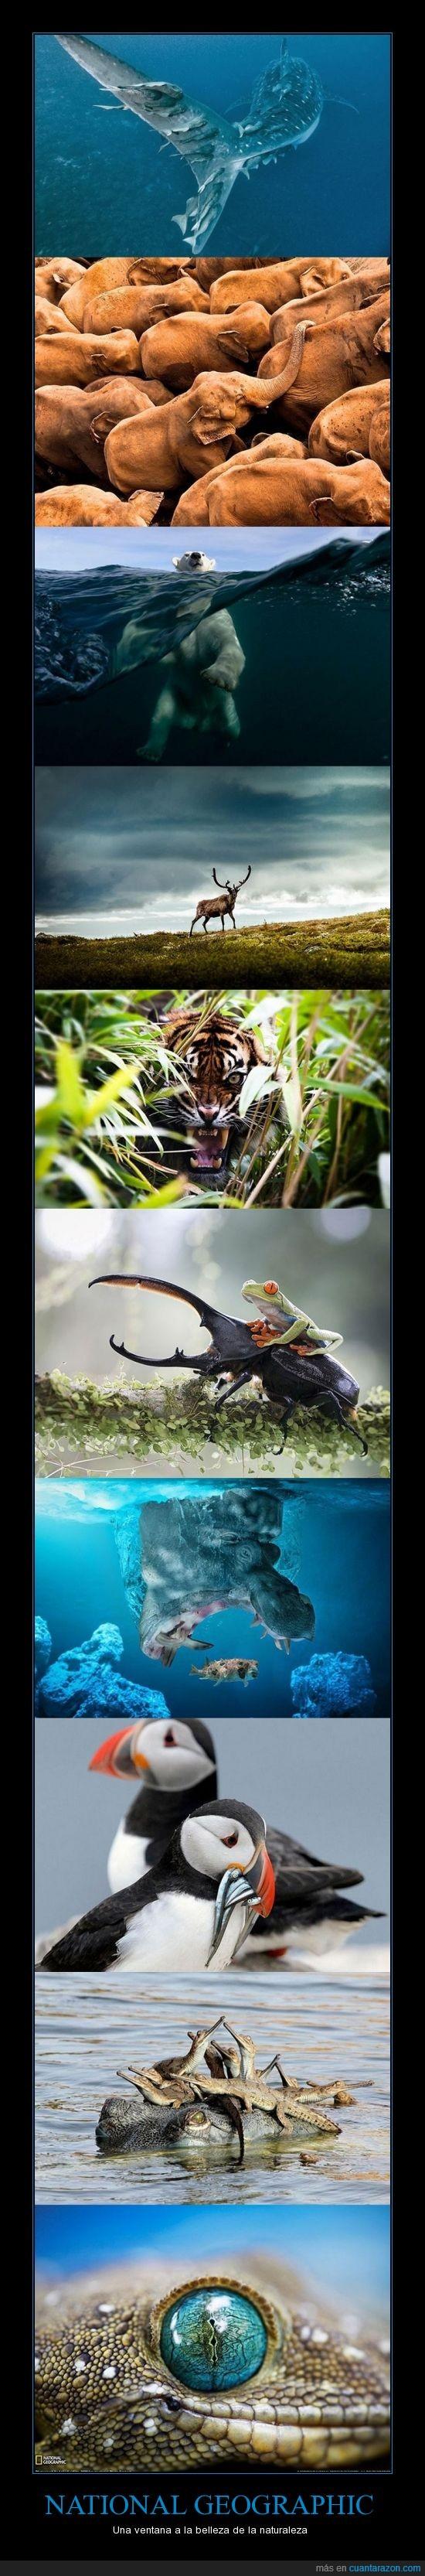 animal,arte,elegante,estamida,impresionante,lagarto,naturaleza